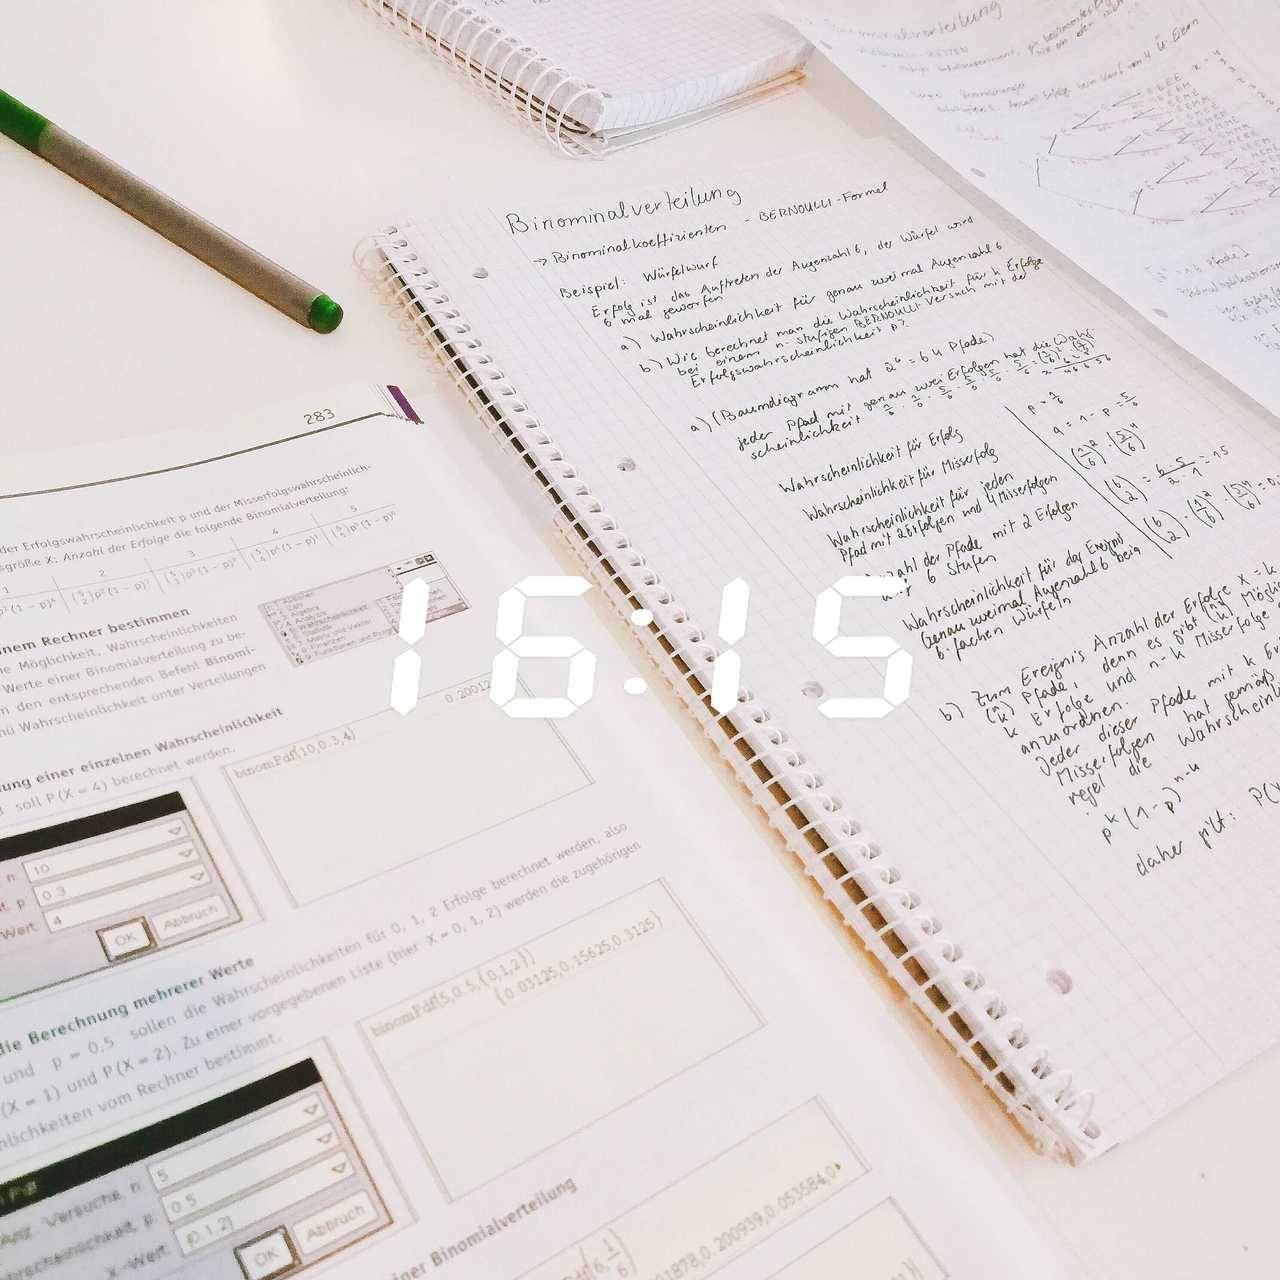 열심히 공부하자 — 06 11 18 || I have a math exam on thursday